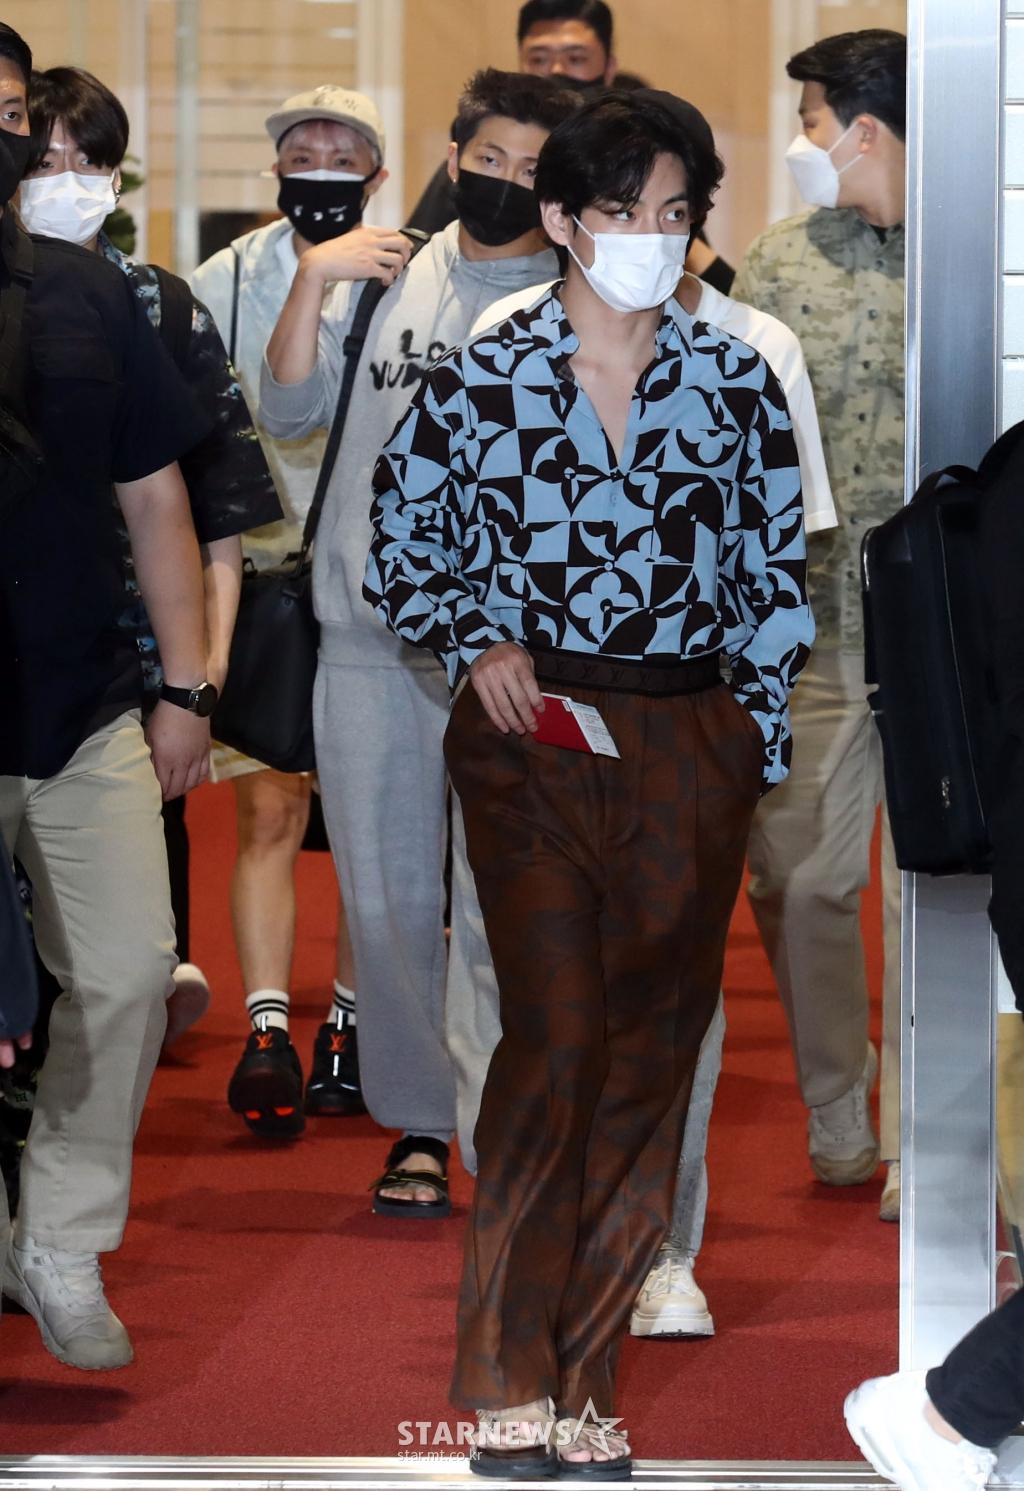 BTS đổ bộ sân bay sang Mỹ dự hội nghị Liên Hợp Quốc: V - Jungkook đeo khẩu trang kín mít vẫn soái xỉu, nhìn quần áo của J-Hope mà bật ngửa - Ảnh 2.